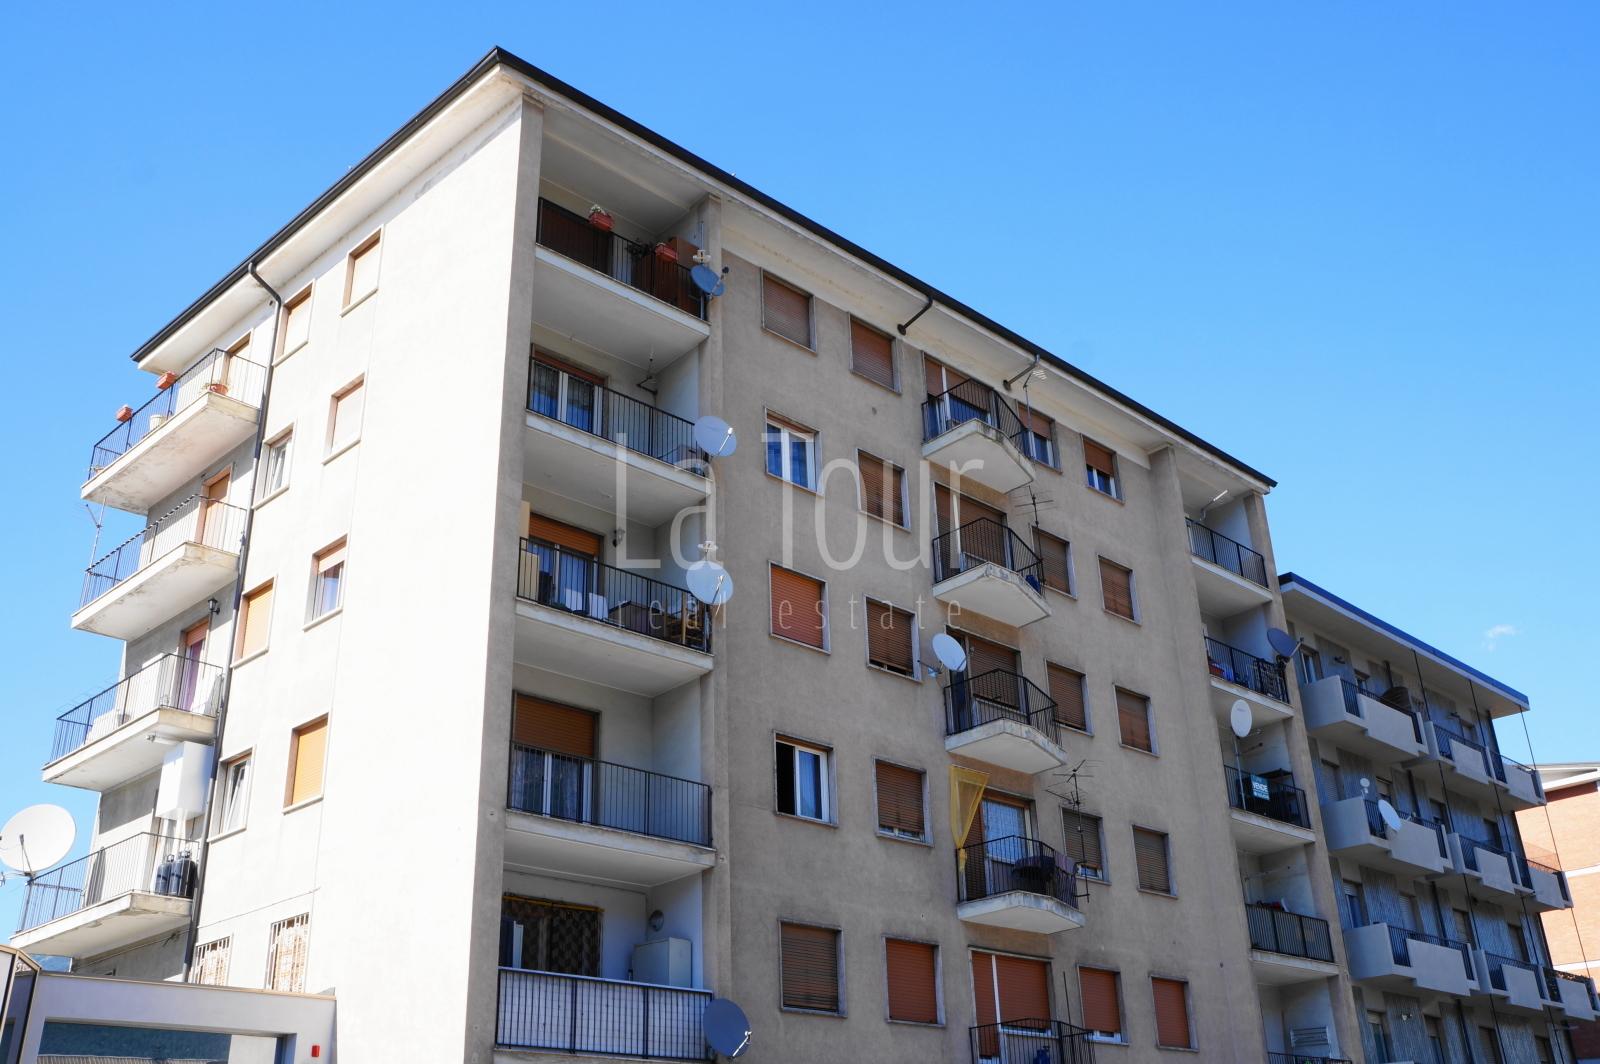 trilocale in vendita Aosta semi-centro